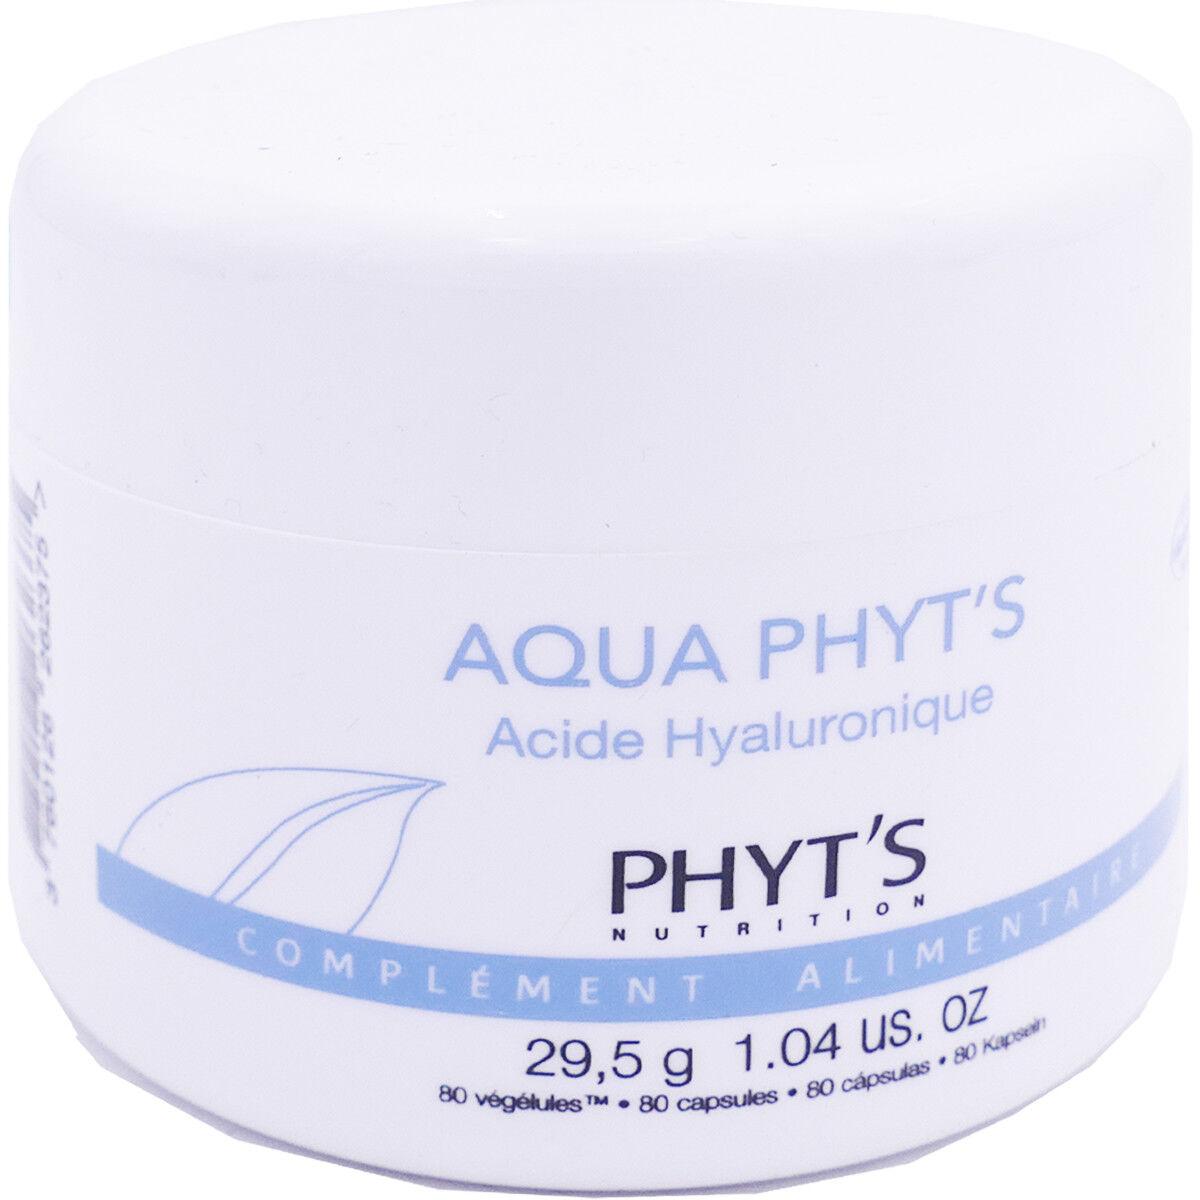 Phyt's aqua phyt's acide hyaluronique 29.5g